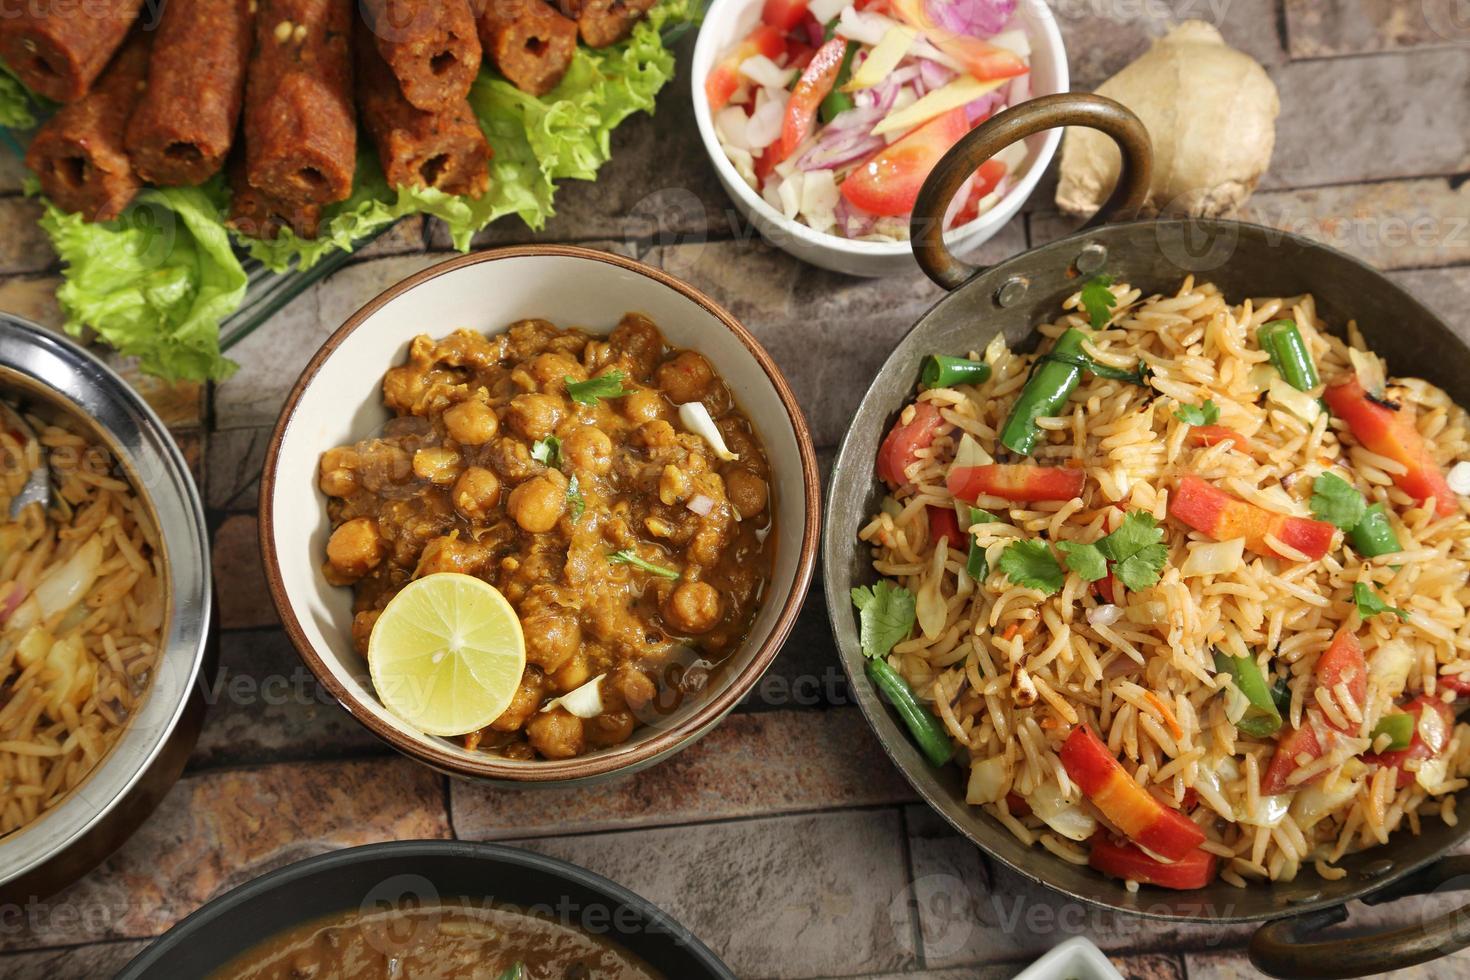 pulao di verdure con chana masala, cibo indiano foto